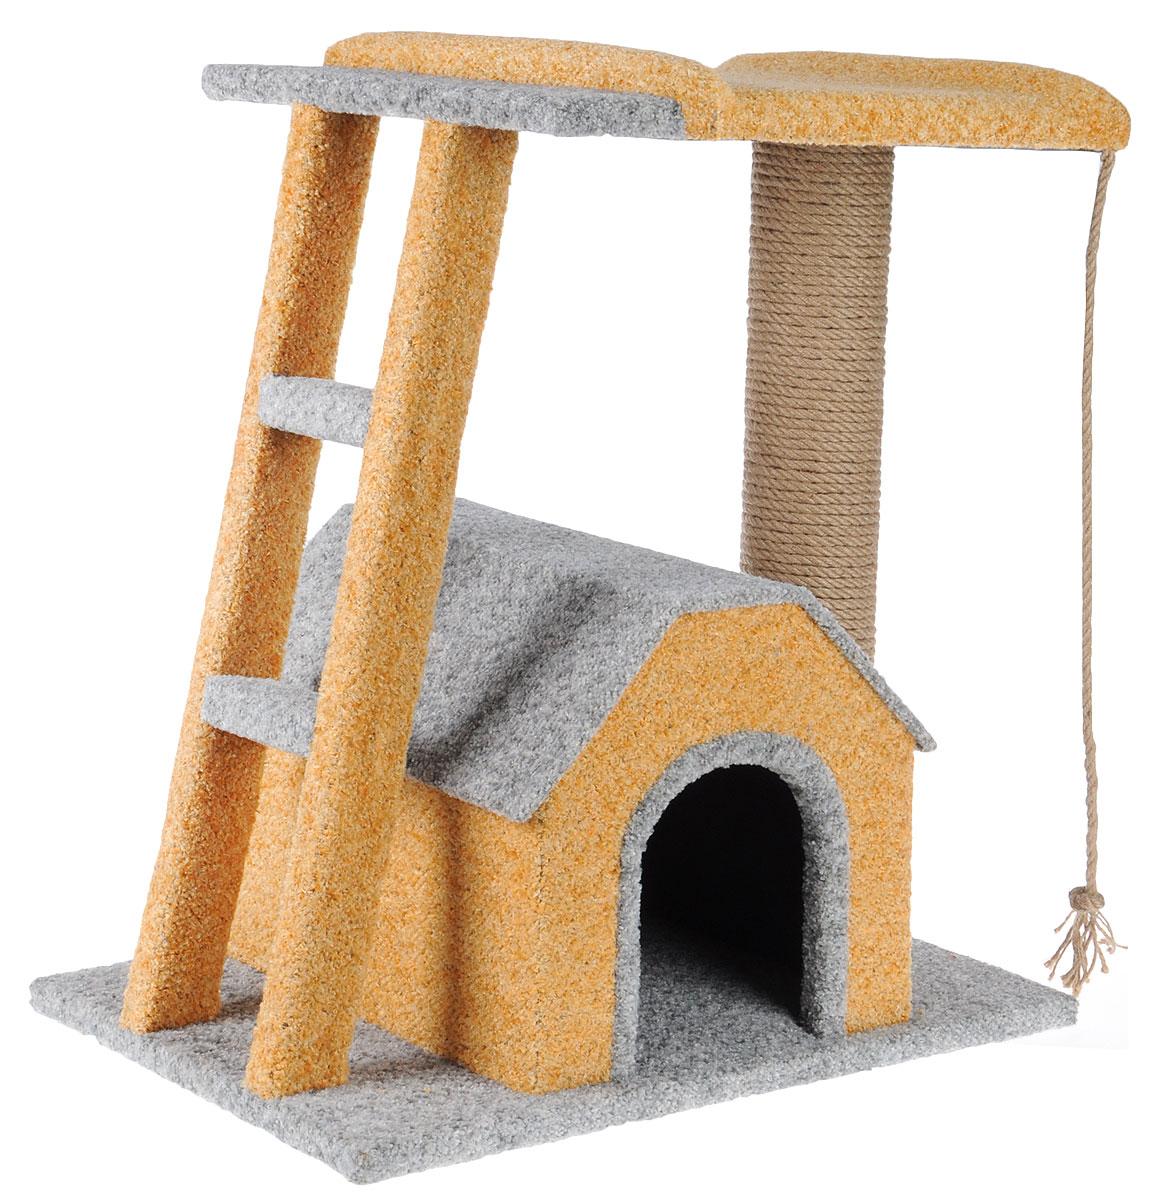 Игровой комплекс для кошек Грызлик Ам Бетси, цвет: серый, песочный, 60 x 40 x 60 см40.GR.113Игровой комплекс для кошек Грызлик Ам Бетси выполнен из высококачественного МДФ и обтянут ковролином. Комплекс состоит из нескольких элементов. В домике животное сможет спрятаться от посторонних глаз и отдохнуть. Верхняя полка прекрасно послужит в качестве лежанки и наблюдений за происходящим. Ковролин, из которого сделан комплекс, обеспечивает естественный уход за когтями питомца, поэтому теперь ваша мебель и стены будут в сохранности. Изделие также имеет лесенку. Уютный комплекс для игр и отдыха станет излюбленным местом вашего питомца. Оригинальный дизайн отлично впишется в интерьер помещения. Размер домика: 34 х 38 х 31 см. Размер верхней полки: 50 х 38 см.Общий размер комплекса: 60 х 40 х 60 см.